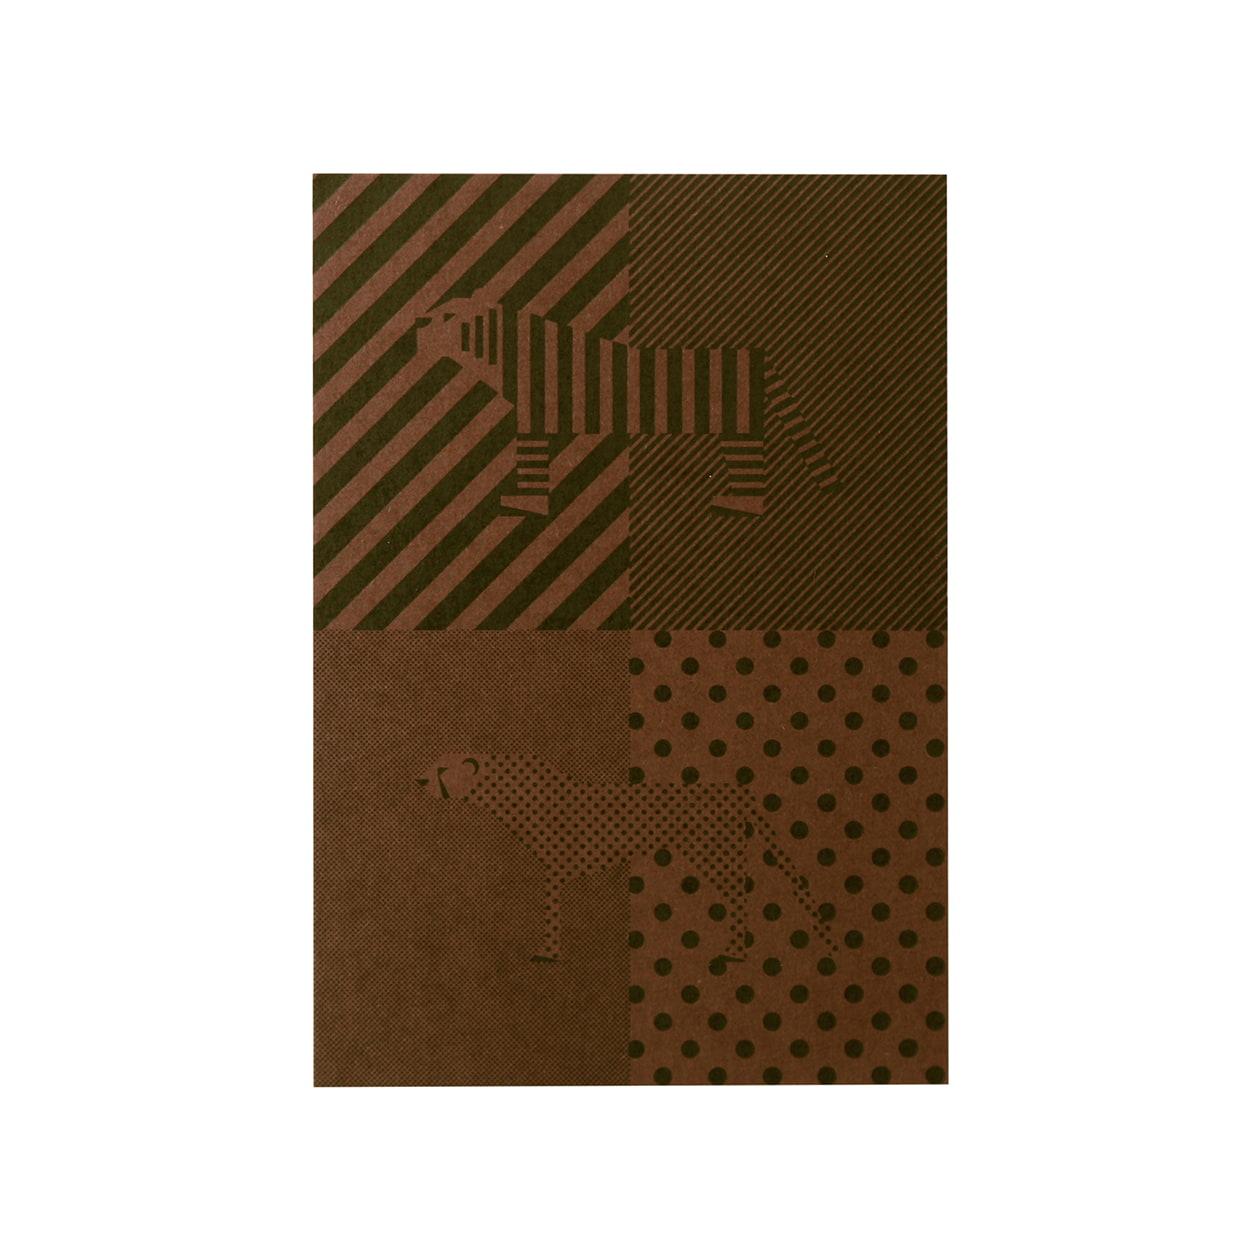 見本 00018 Pカード ボード紙 チョコレート 450g